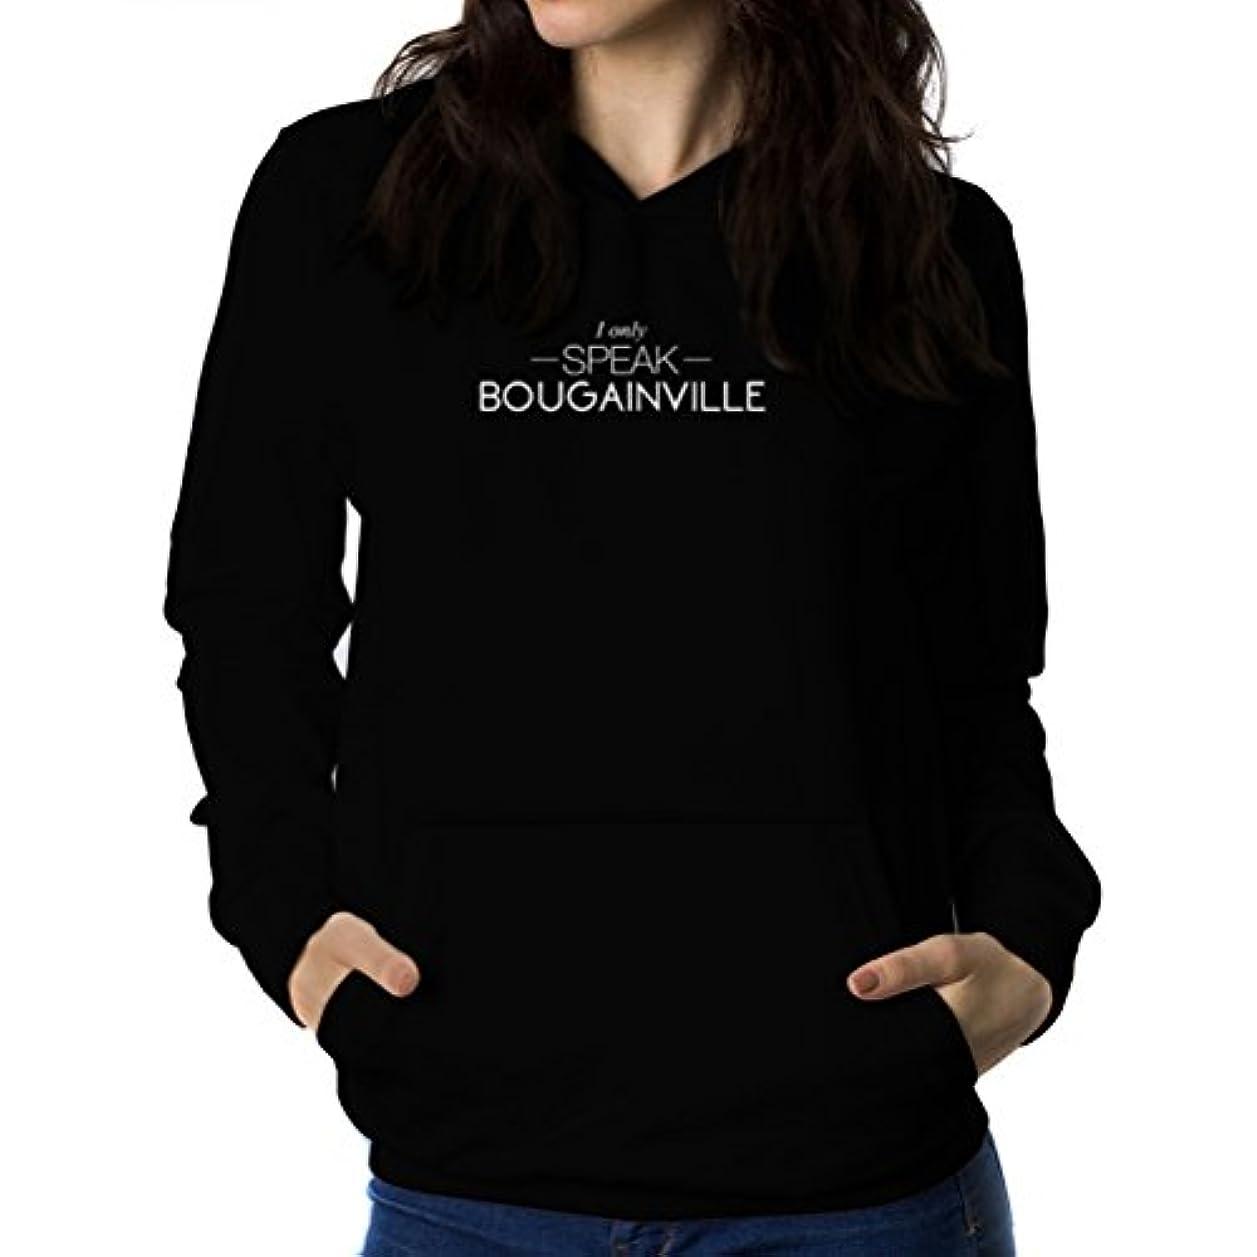 考え常習的原子炉I only speak Bougainville 女性 フーディー